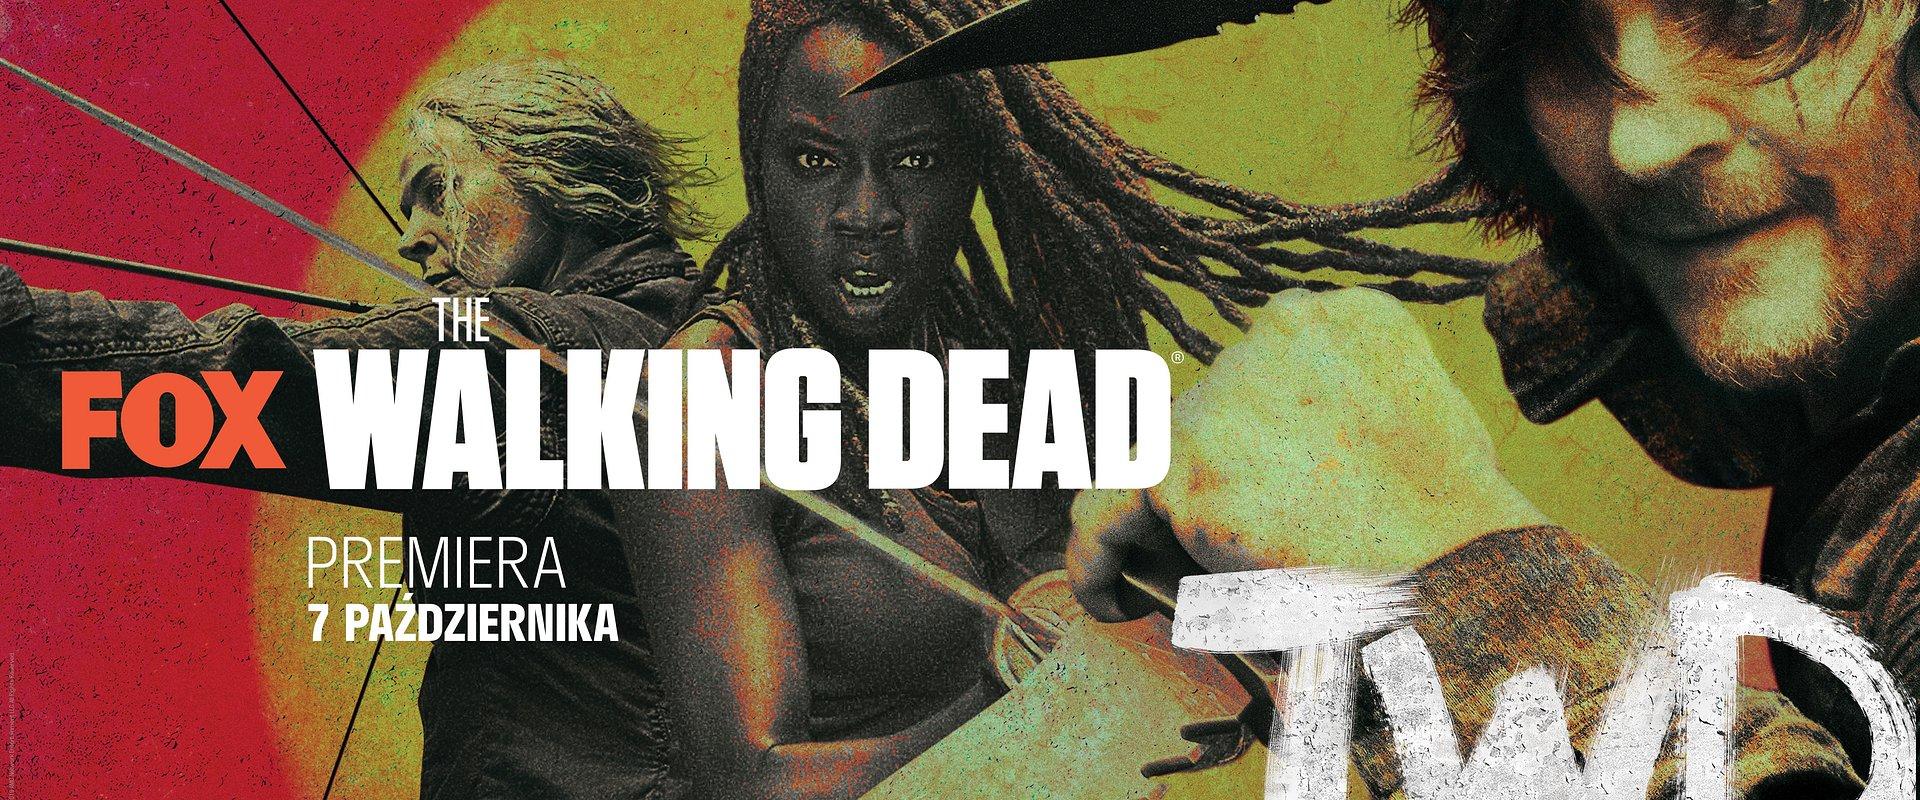 The Walking Dead z nowym plakatem